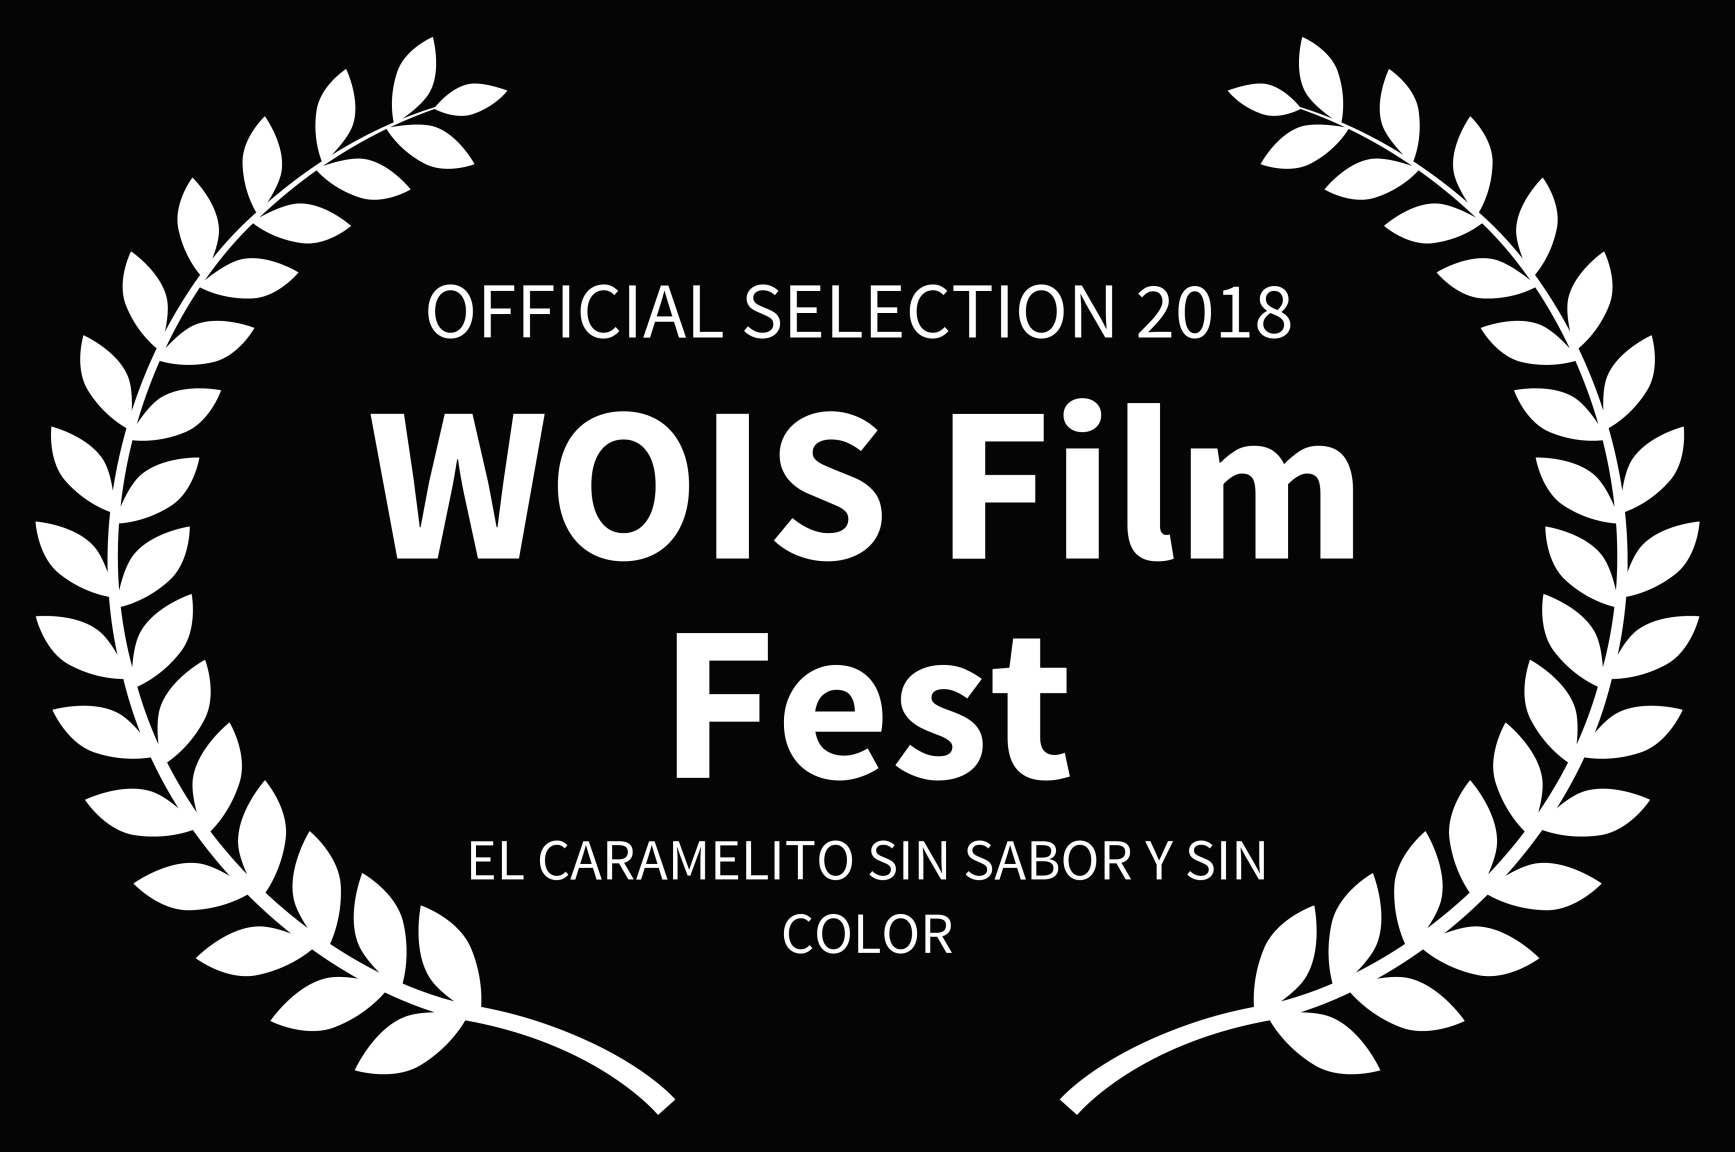 WOIS Film Fest - EL CARAMELITO SIN SABOR